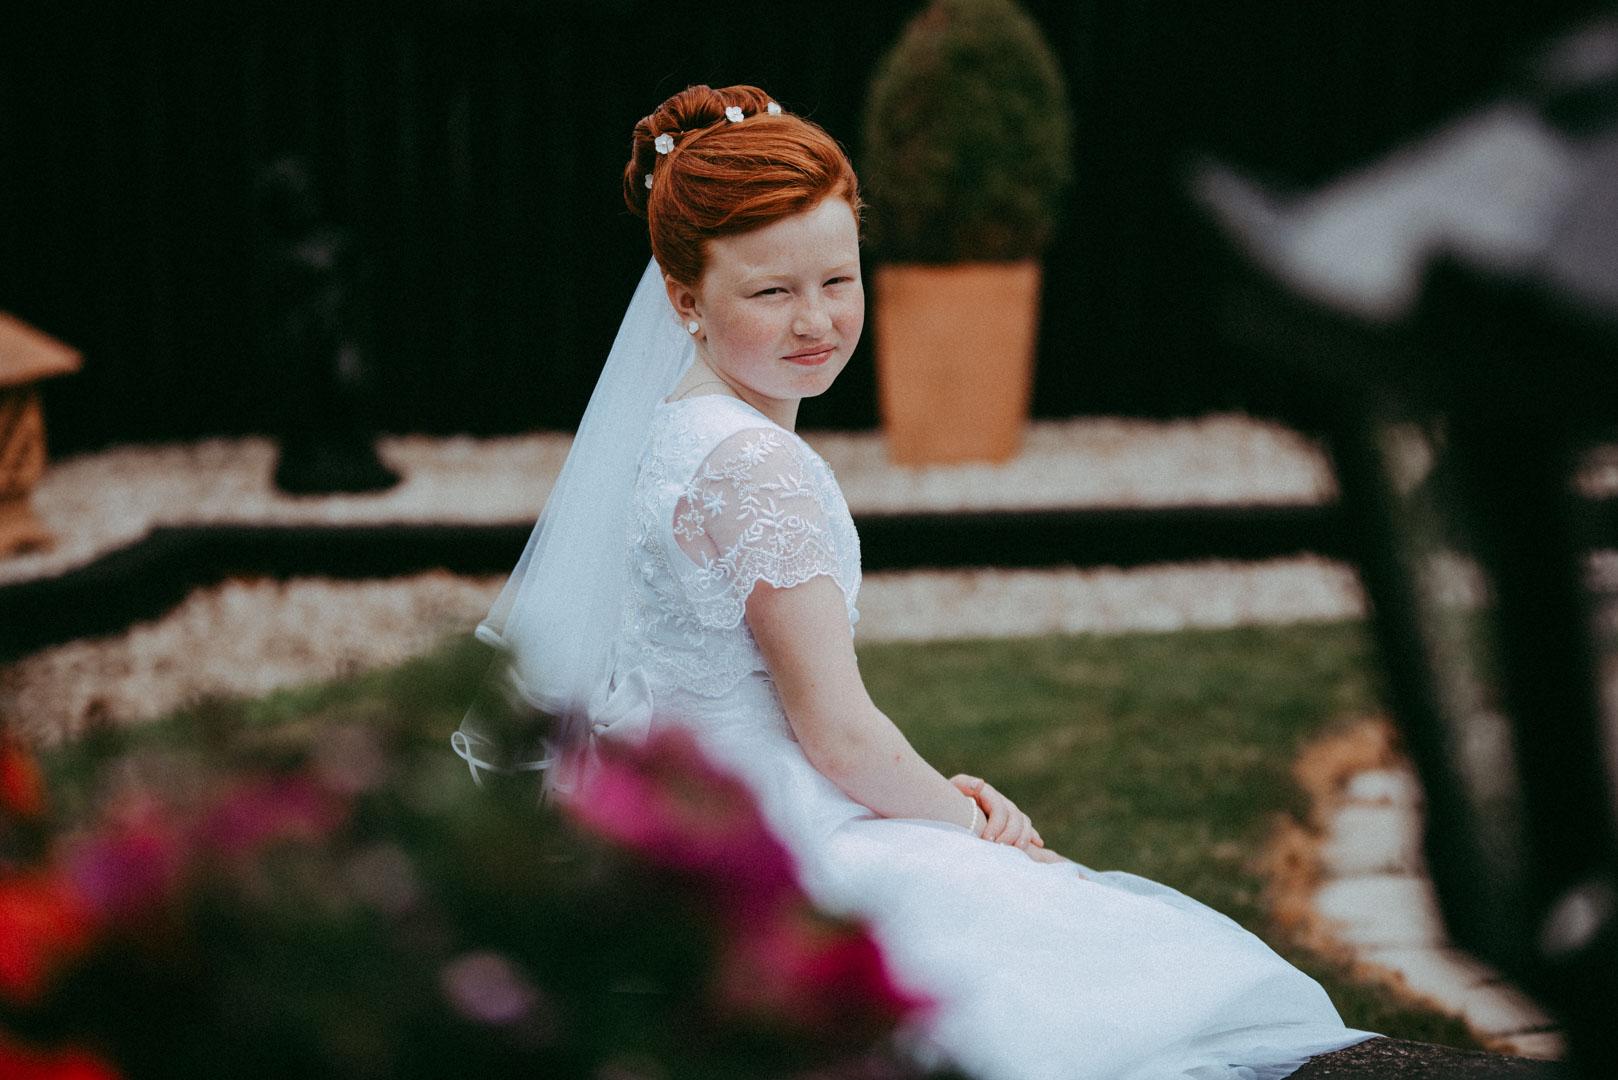 Aoibheann her communion day